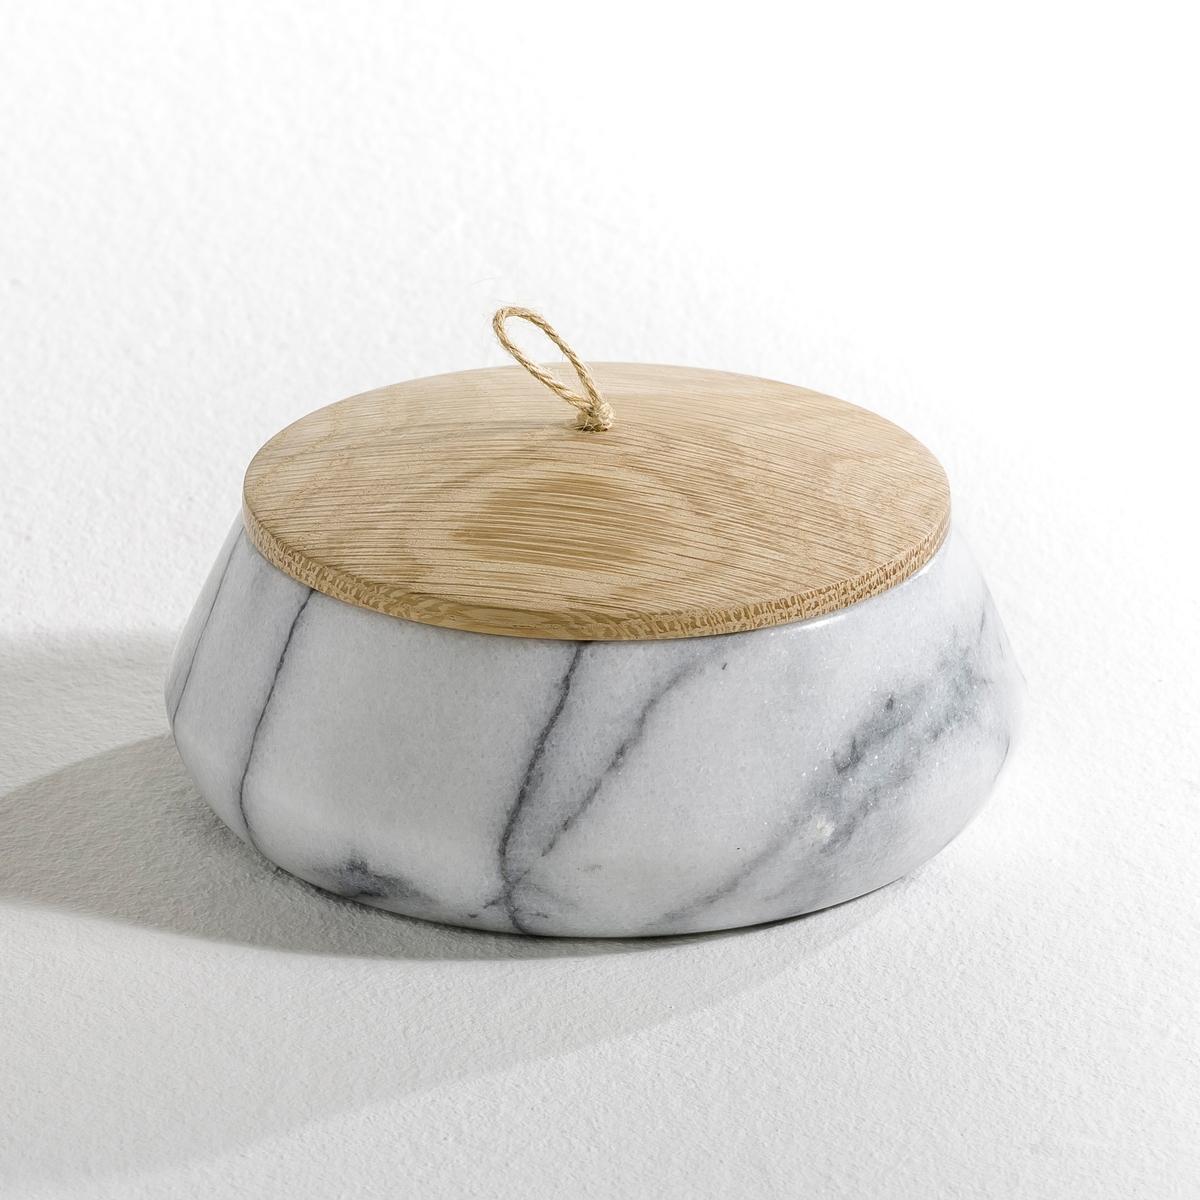 Горшок цветочный круглый из мрамора, EdwaldГоршок цветочный из мрамора, Edwald. Подходит для хранения мелких предметов в кабинете, на кухне или в ванной!Характеристики: - Выполнен из белого мрамора каждое изделие уникально, а рисунок на нем может отличаться от образца.- Крышка из натурального дуба с ручкой из сизаля.Размеры:- ?13,8 x В. 5 см.<br><br>Цвет: белый мрамор<br>Размер: единый размер